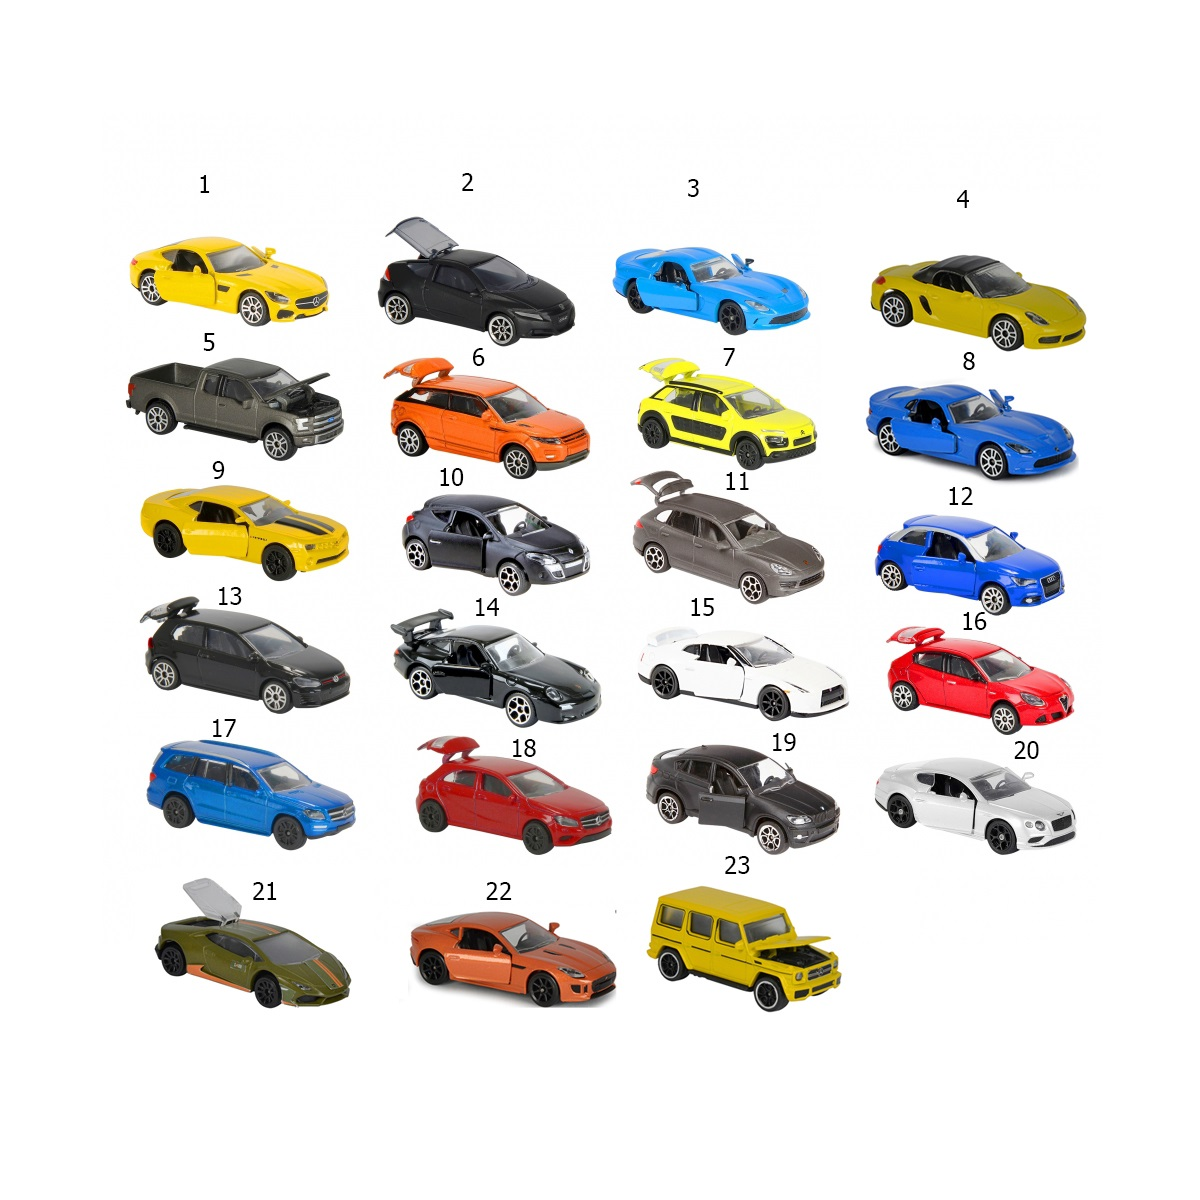 Машинки серии Premium с открывающимися элементами, 7,5 см.Гоночные машины<br>Машинки серии Premium с открывающимися элементами, 7,5 см.<br>